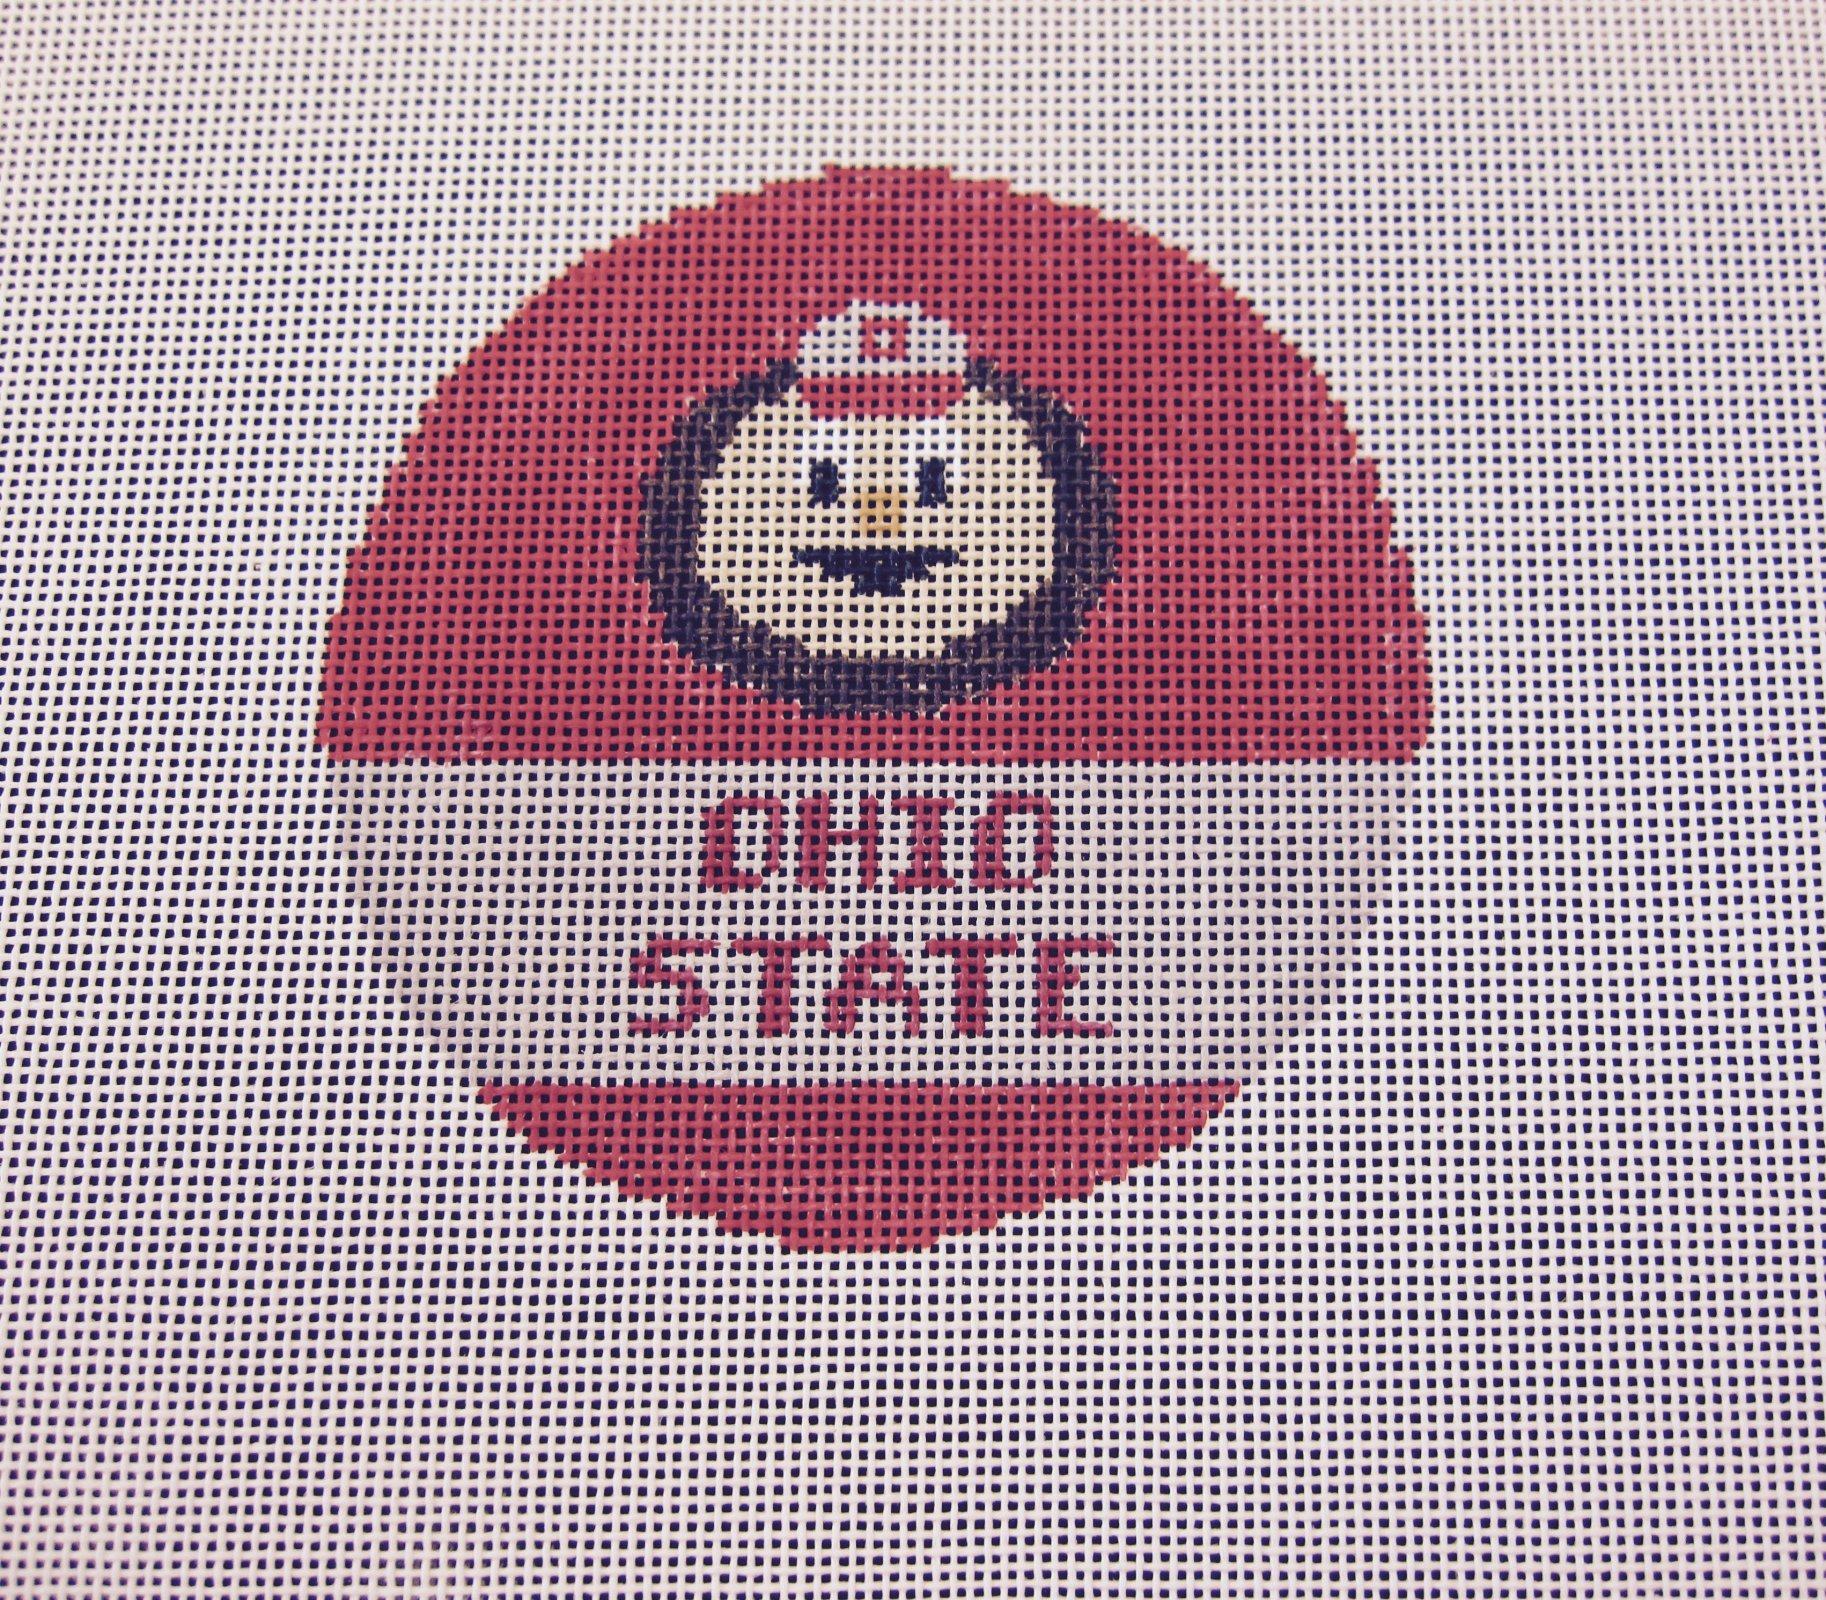 Ohio State - Brutus